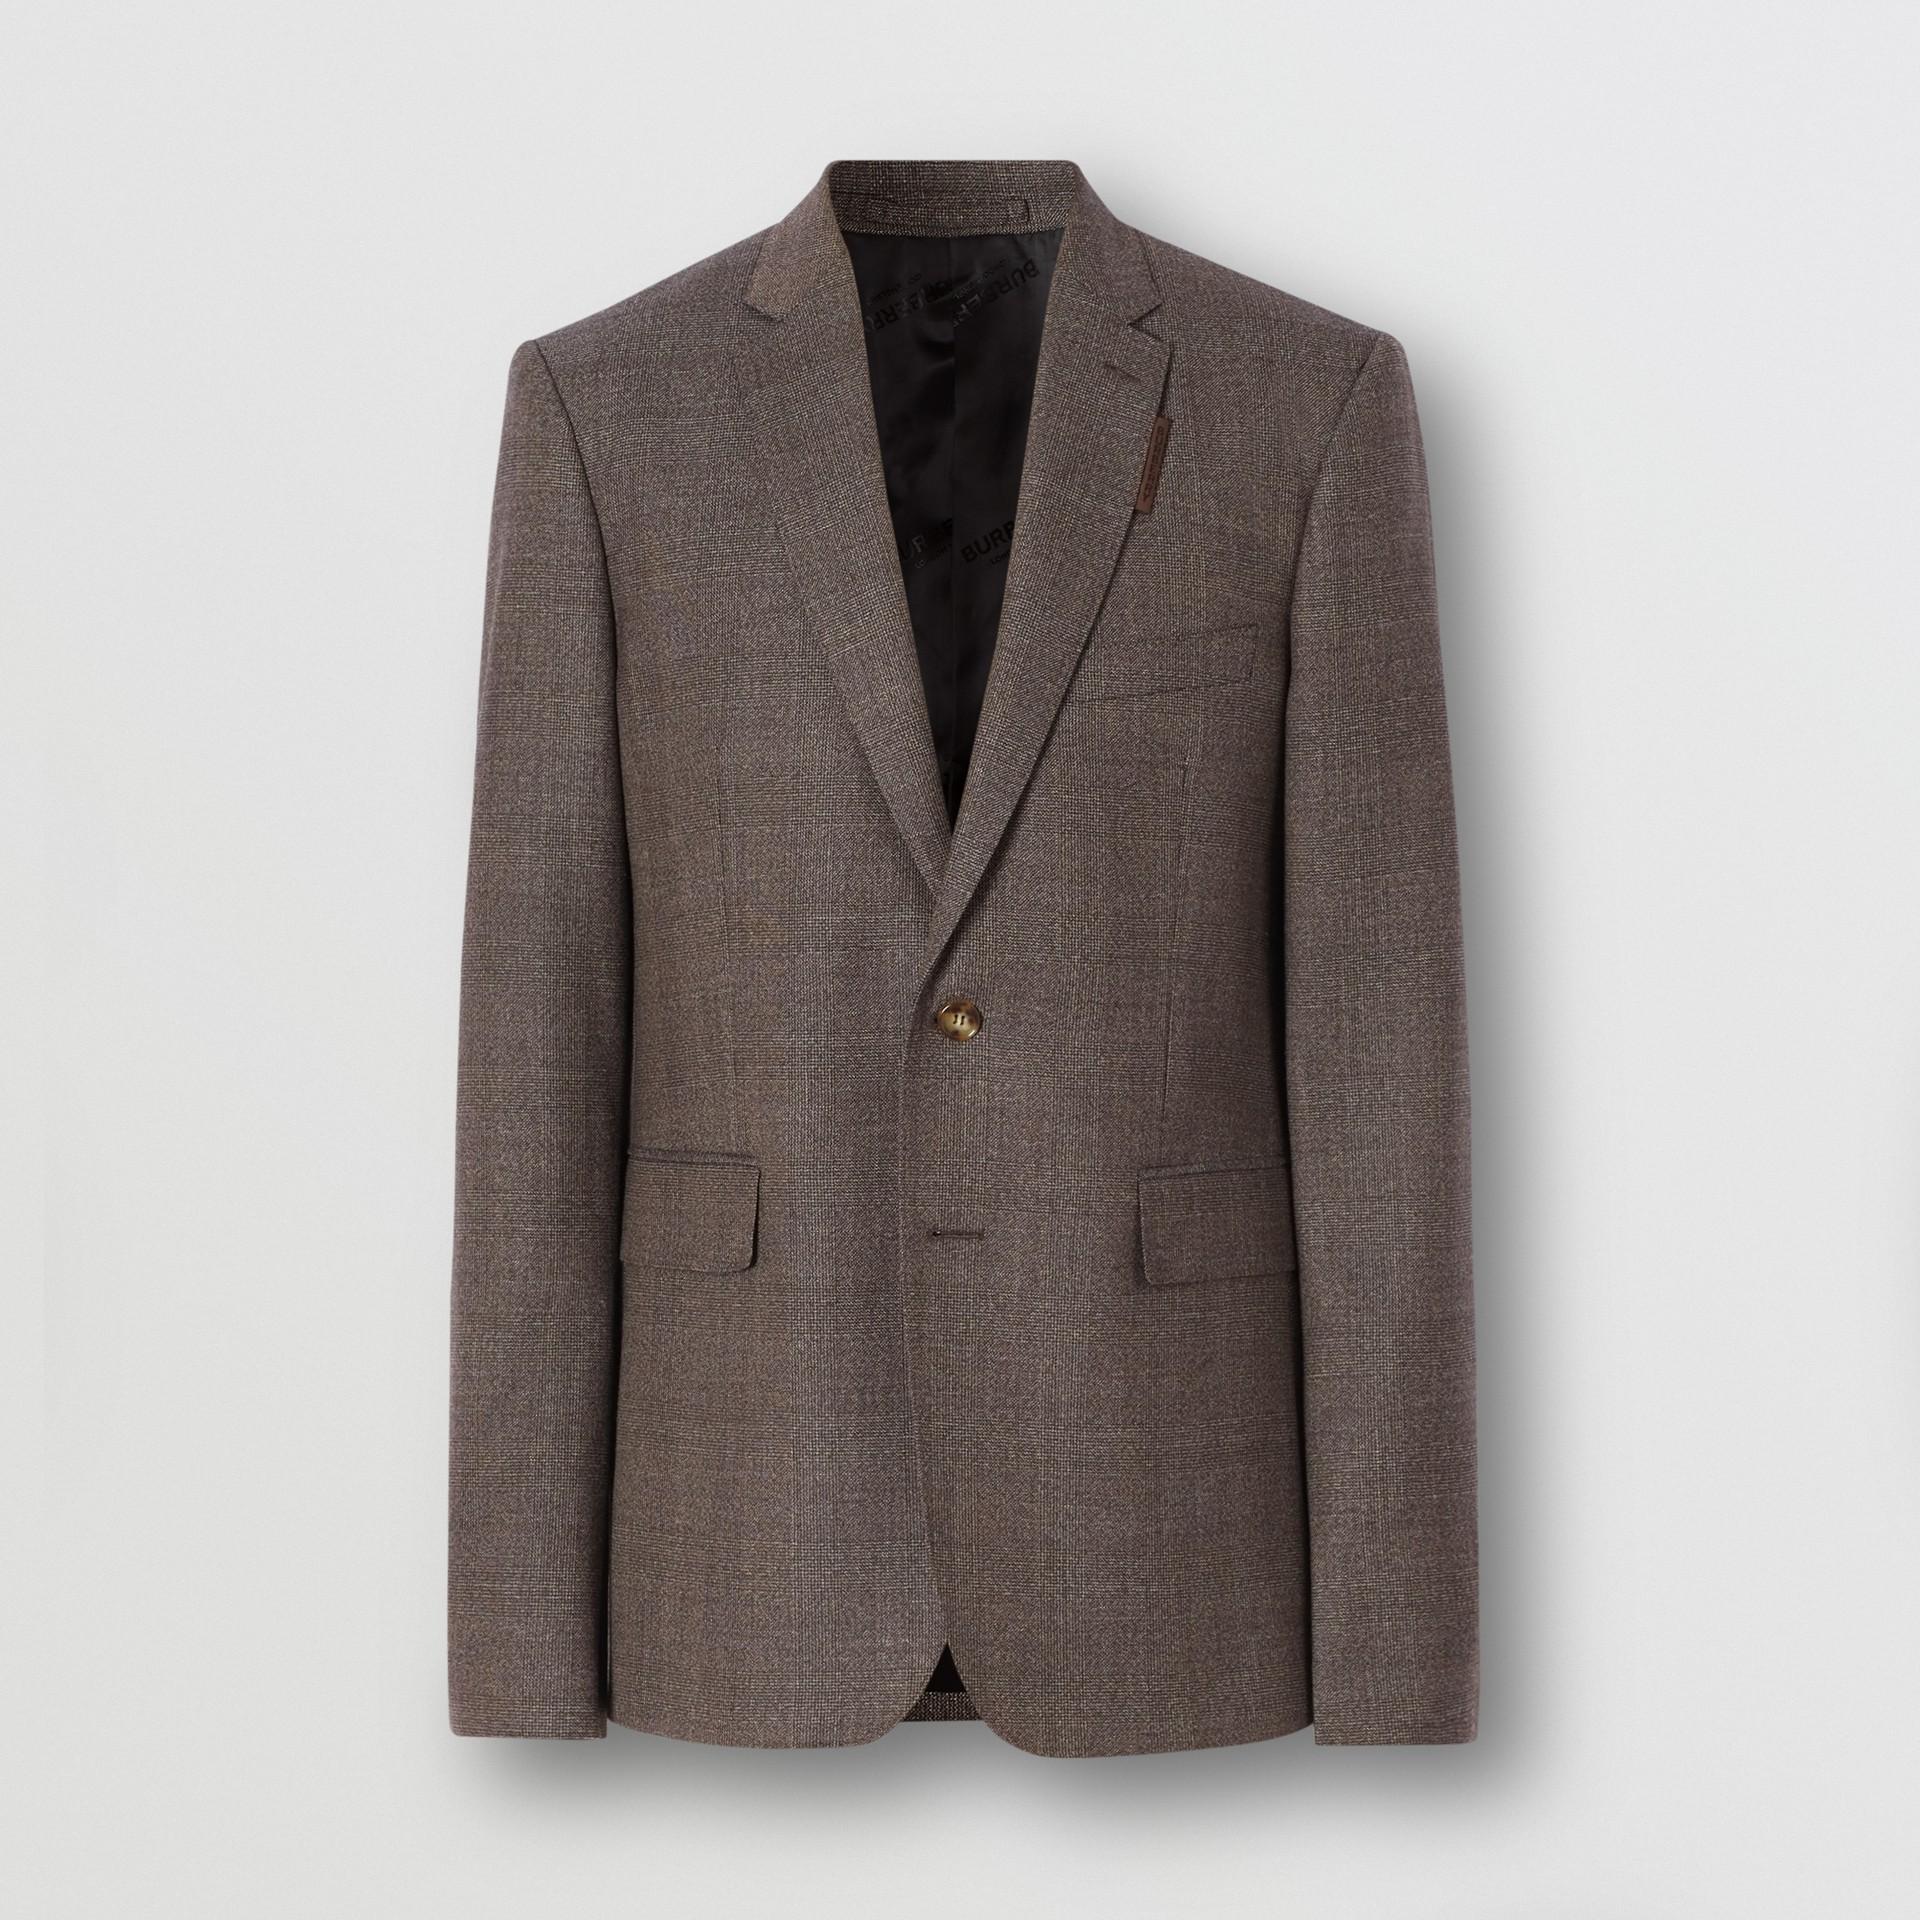 Slim Fit Wool Suit in Dark Brown - Men | Burberry - gallery image 3